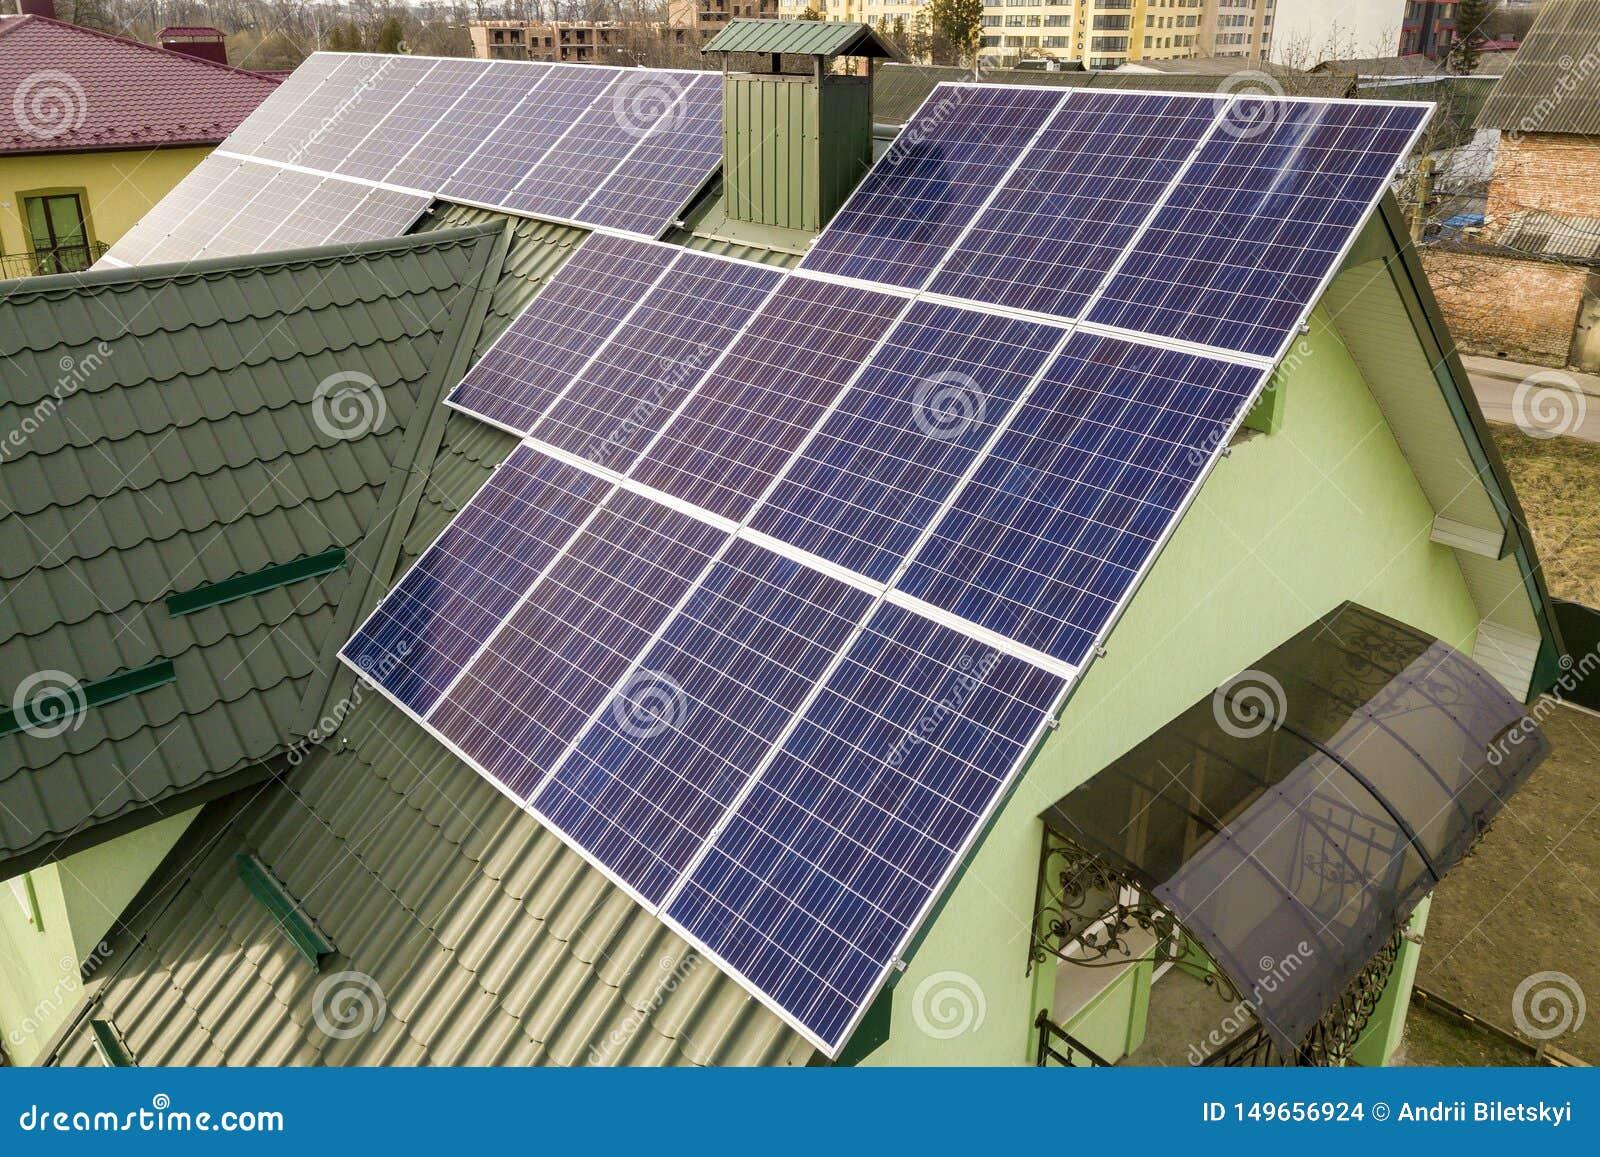 房子村庄鸟瞰图与蓝色发光的太阳照片流电盘区系统的在屋顶 可更新的生态绿色能量